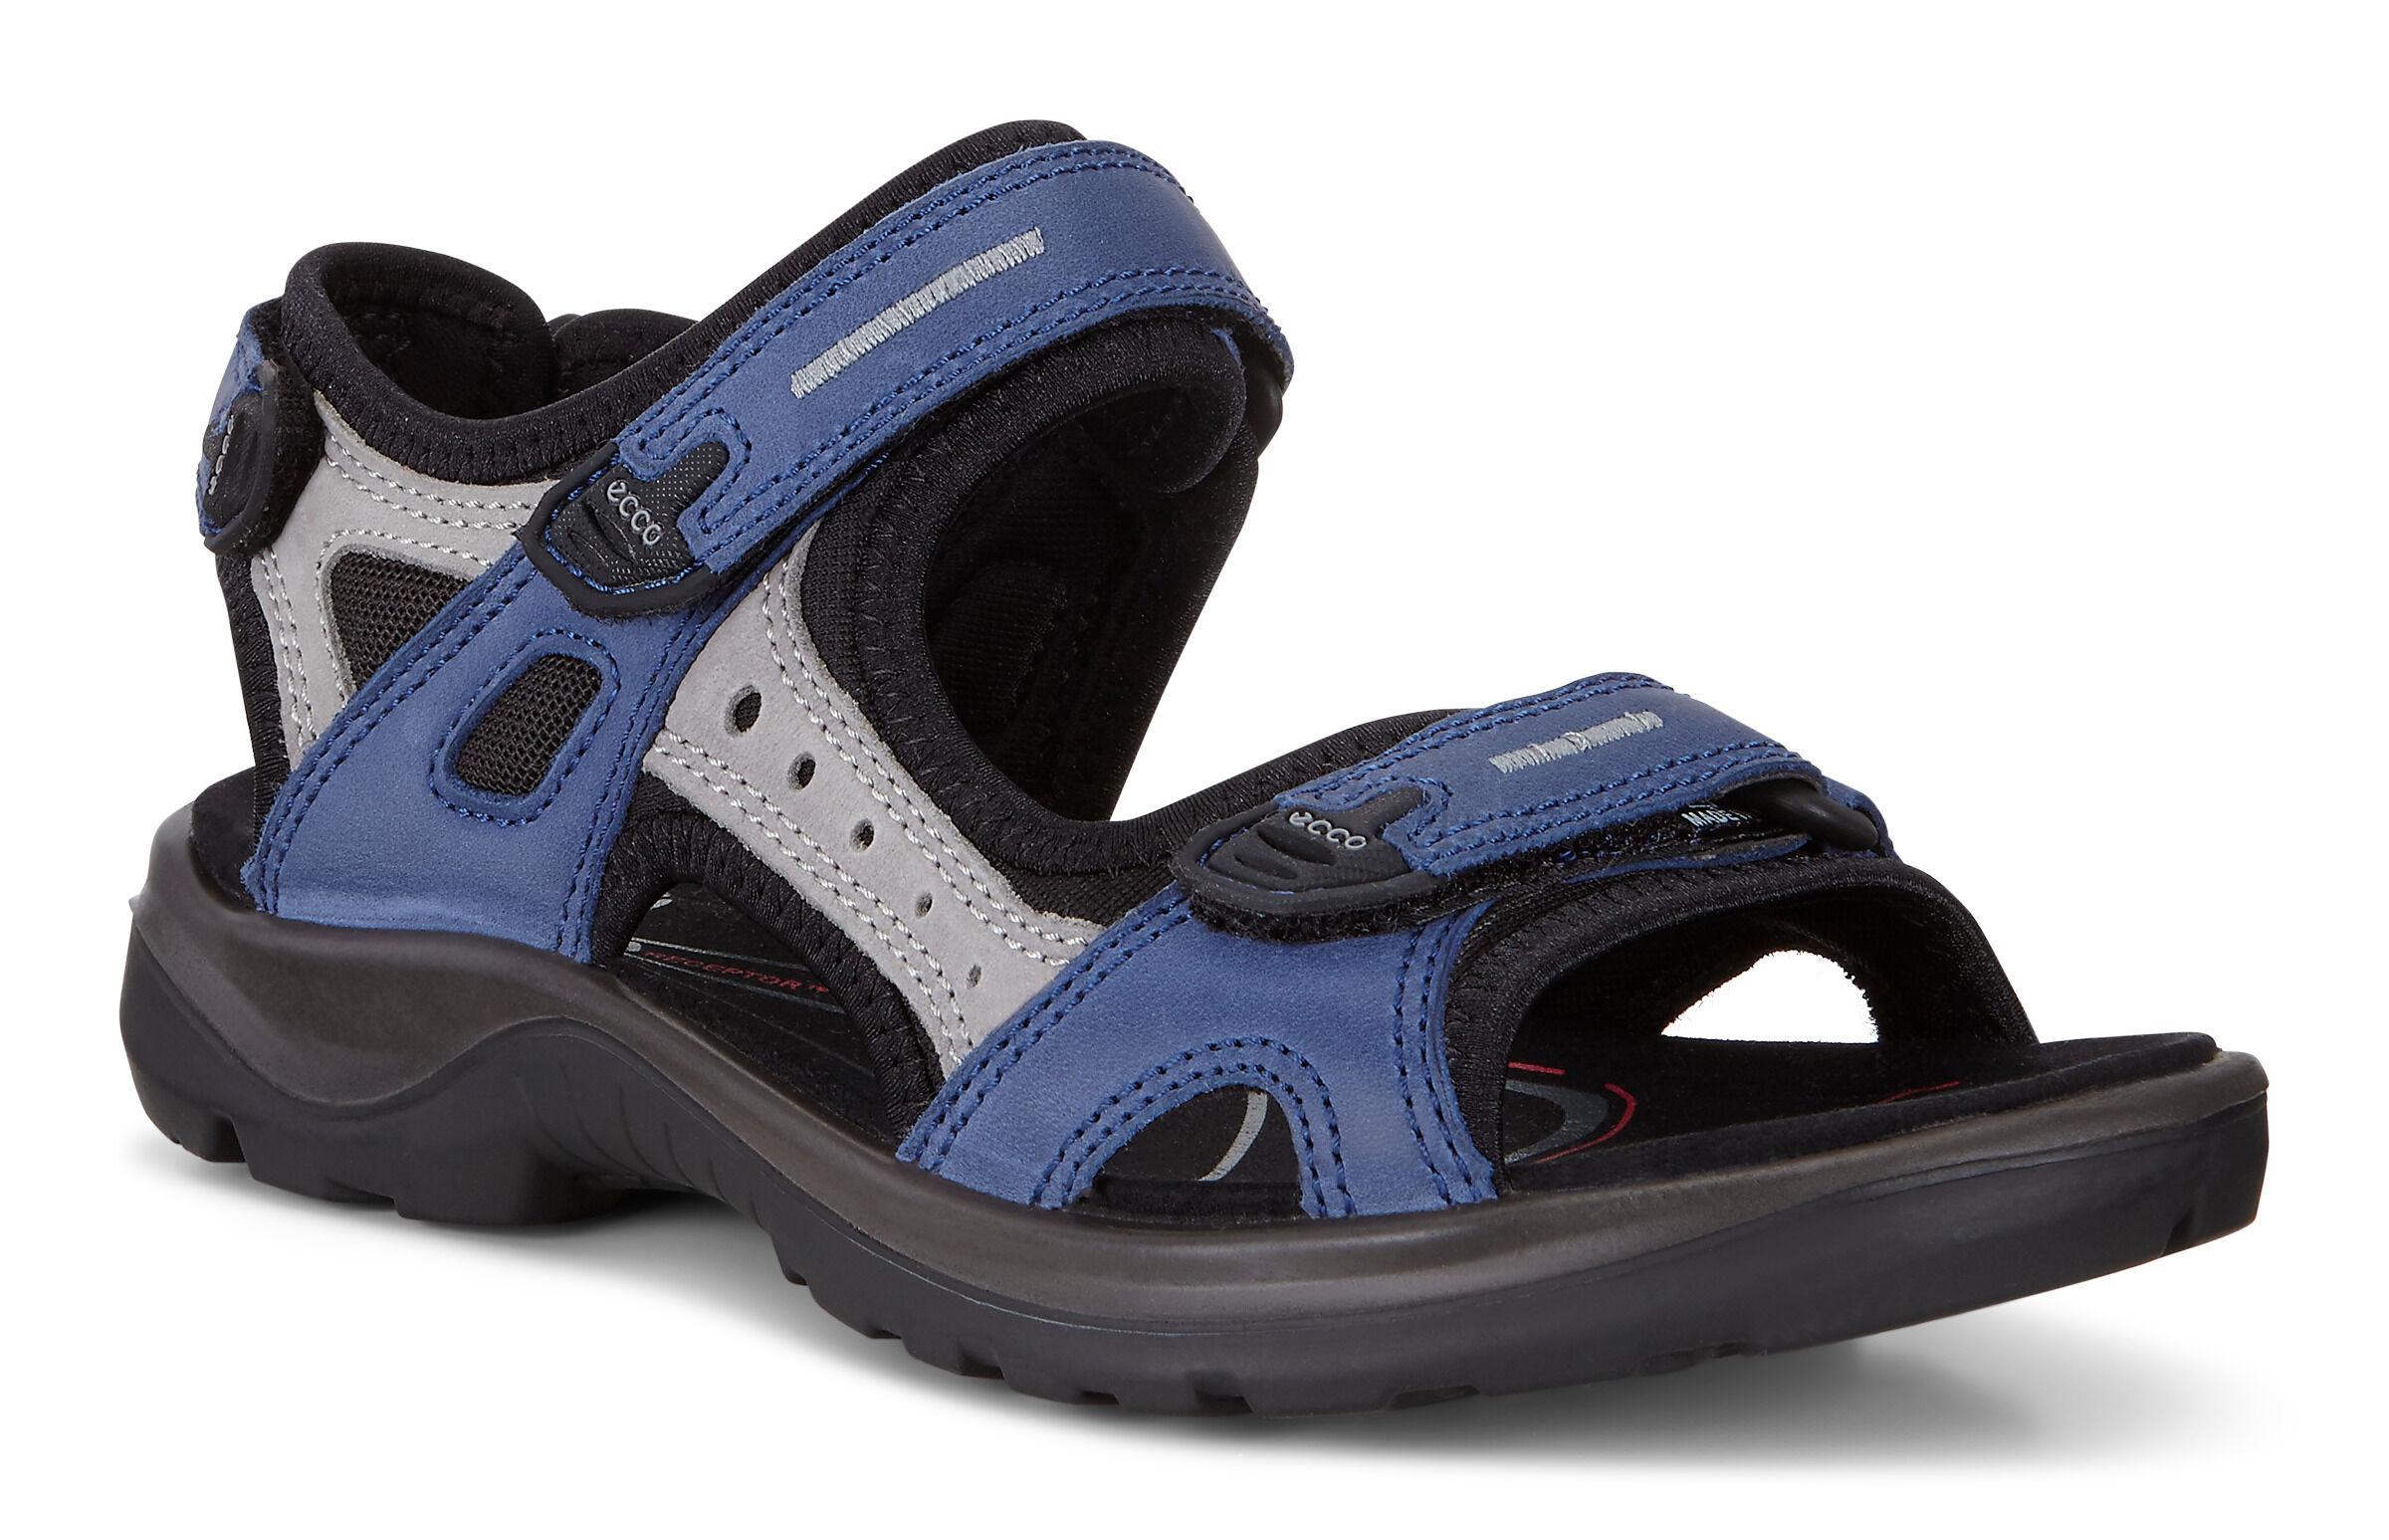 Yucatan | Sandals, Ecco sandals, Unique shoes